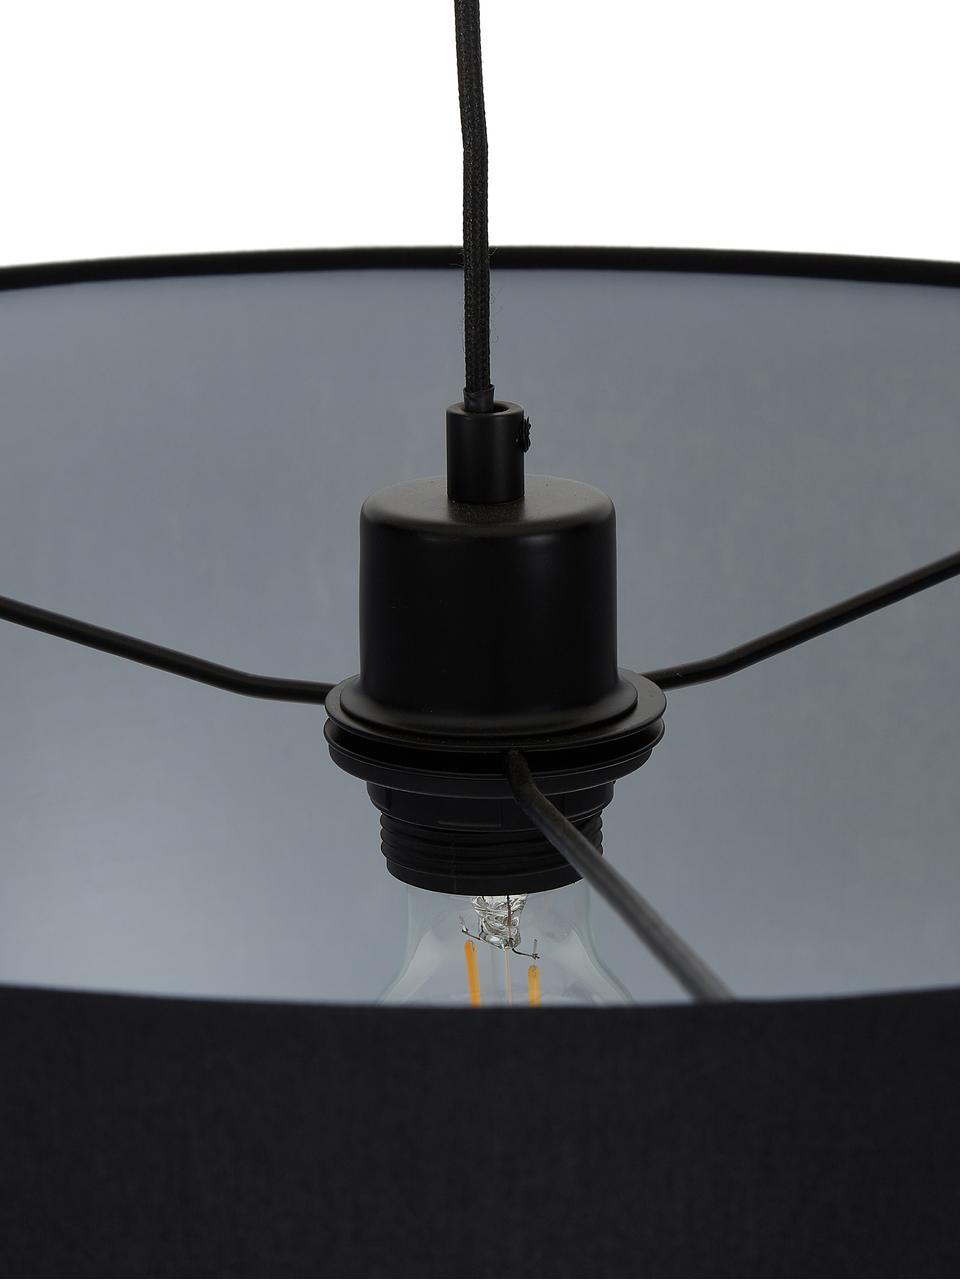 Moderne Bogenlampe Niels in Schwarz, Lampenschirm: Baumwollgemisch, Lampenschirm: SchwarzLampenfuss: Schwarz, mattKabel: Schwarz, 157 x 218 cm